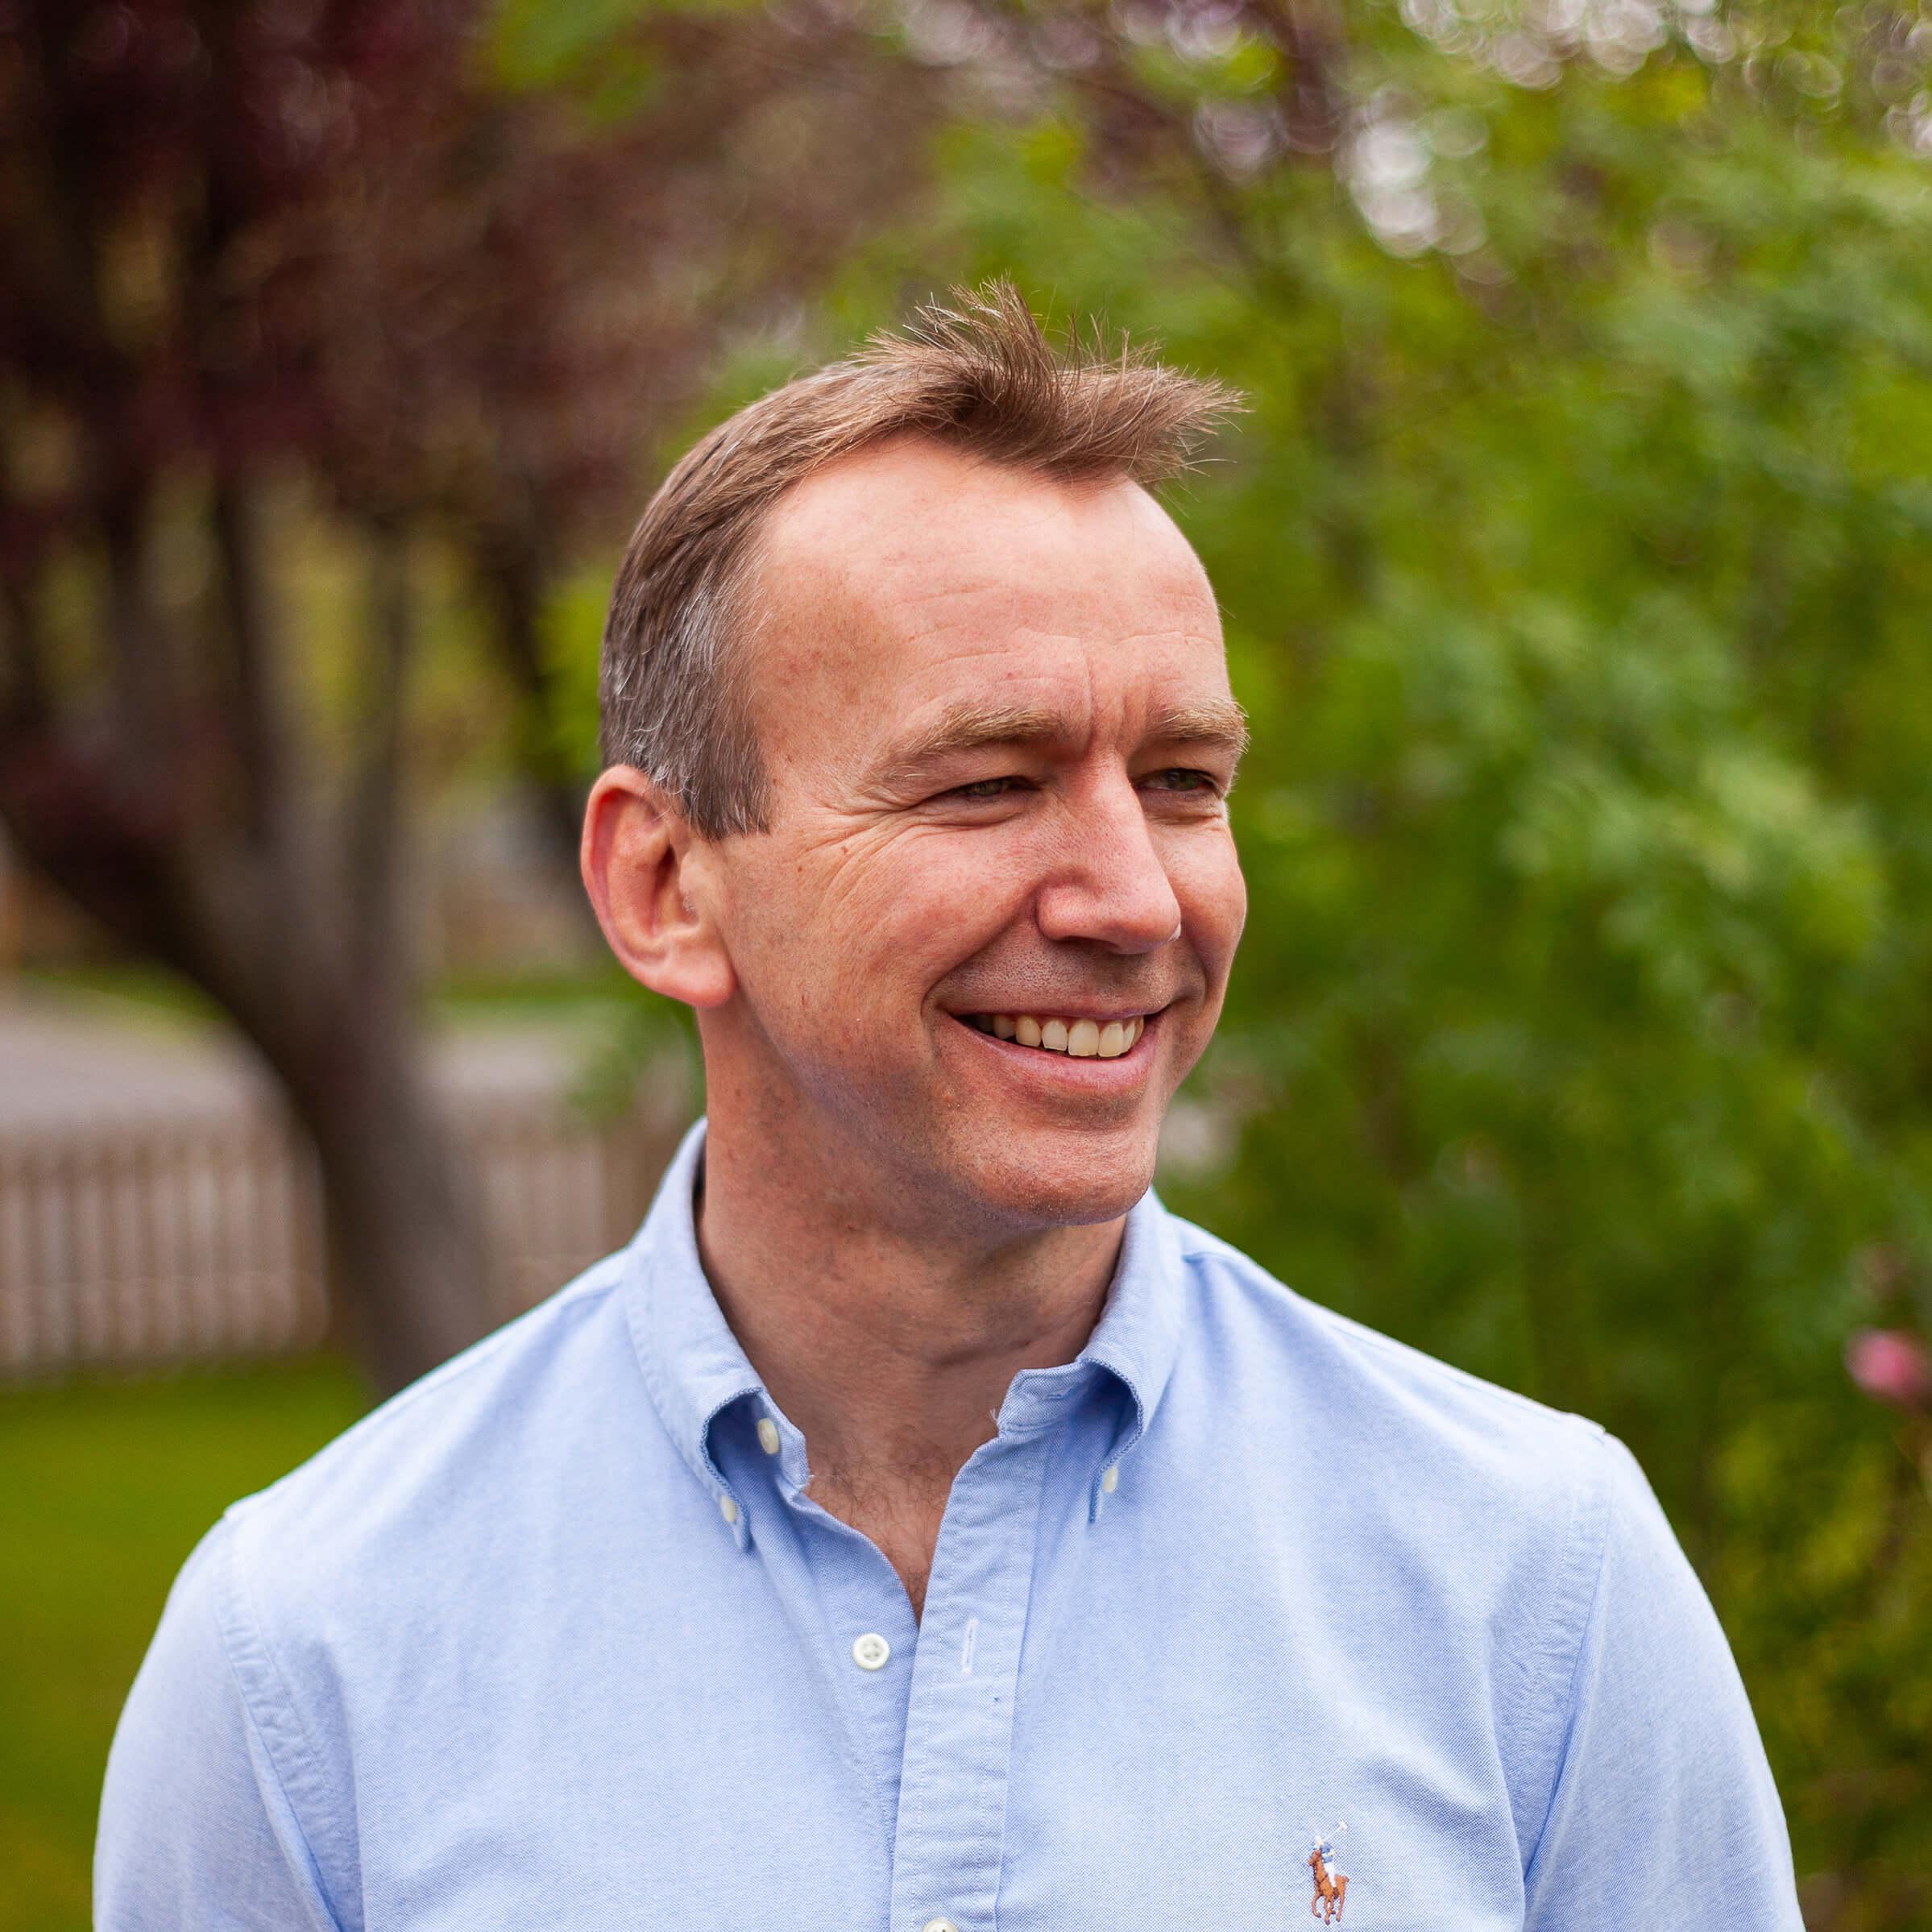 James Evans - Director